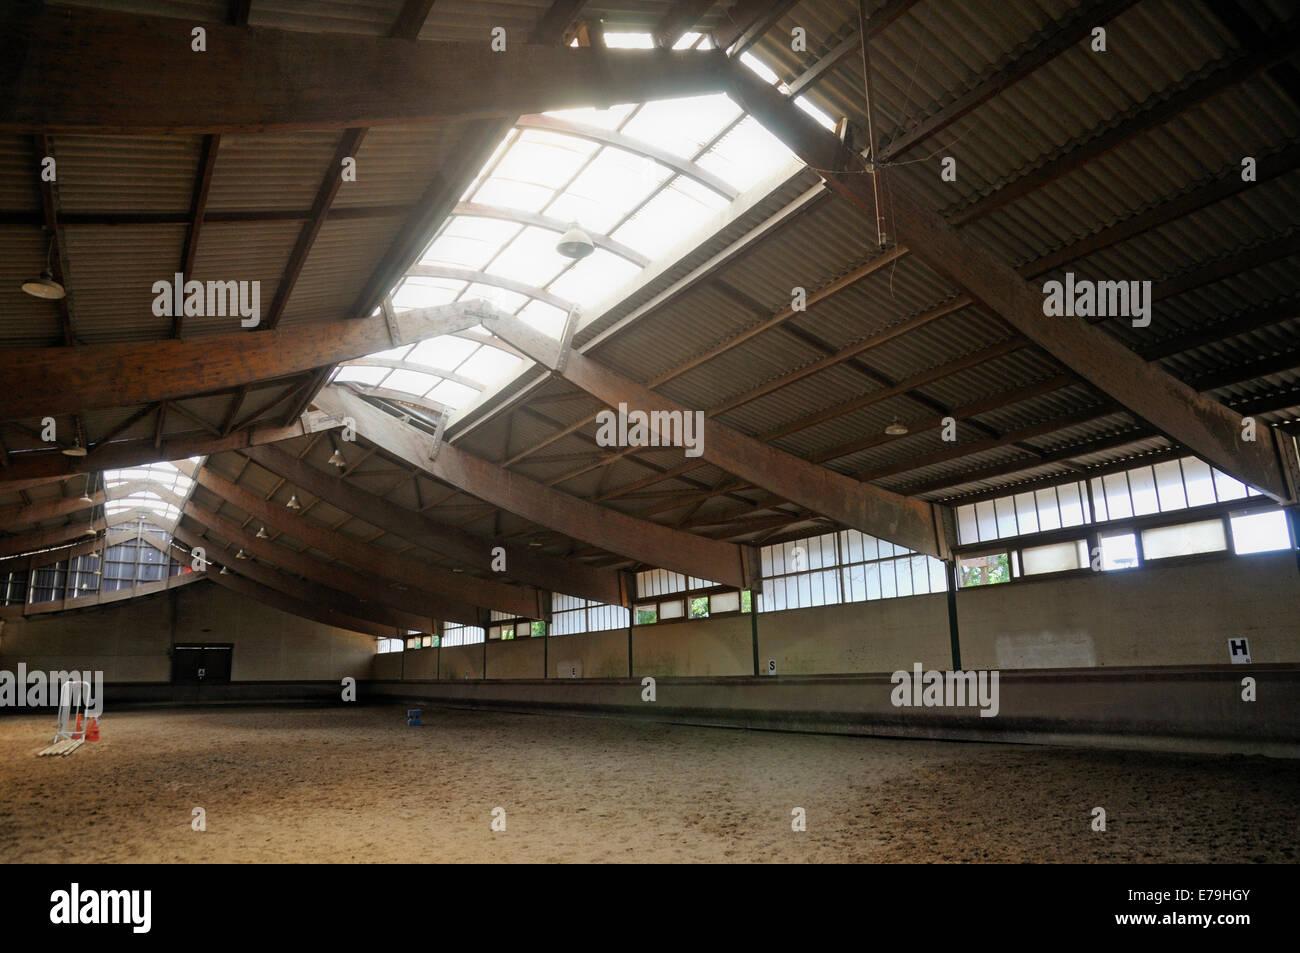 Svuotare piscina equitazione area in corrispondenza di una scuola di equitazione Immagini Stock